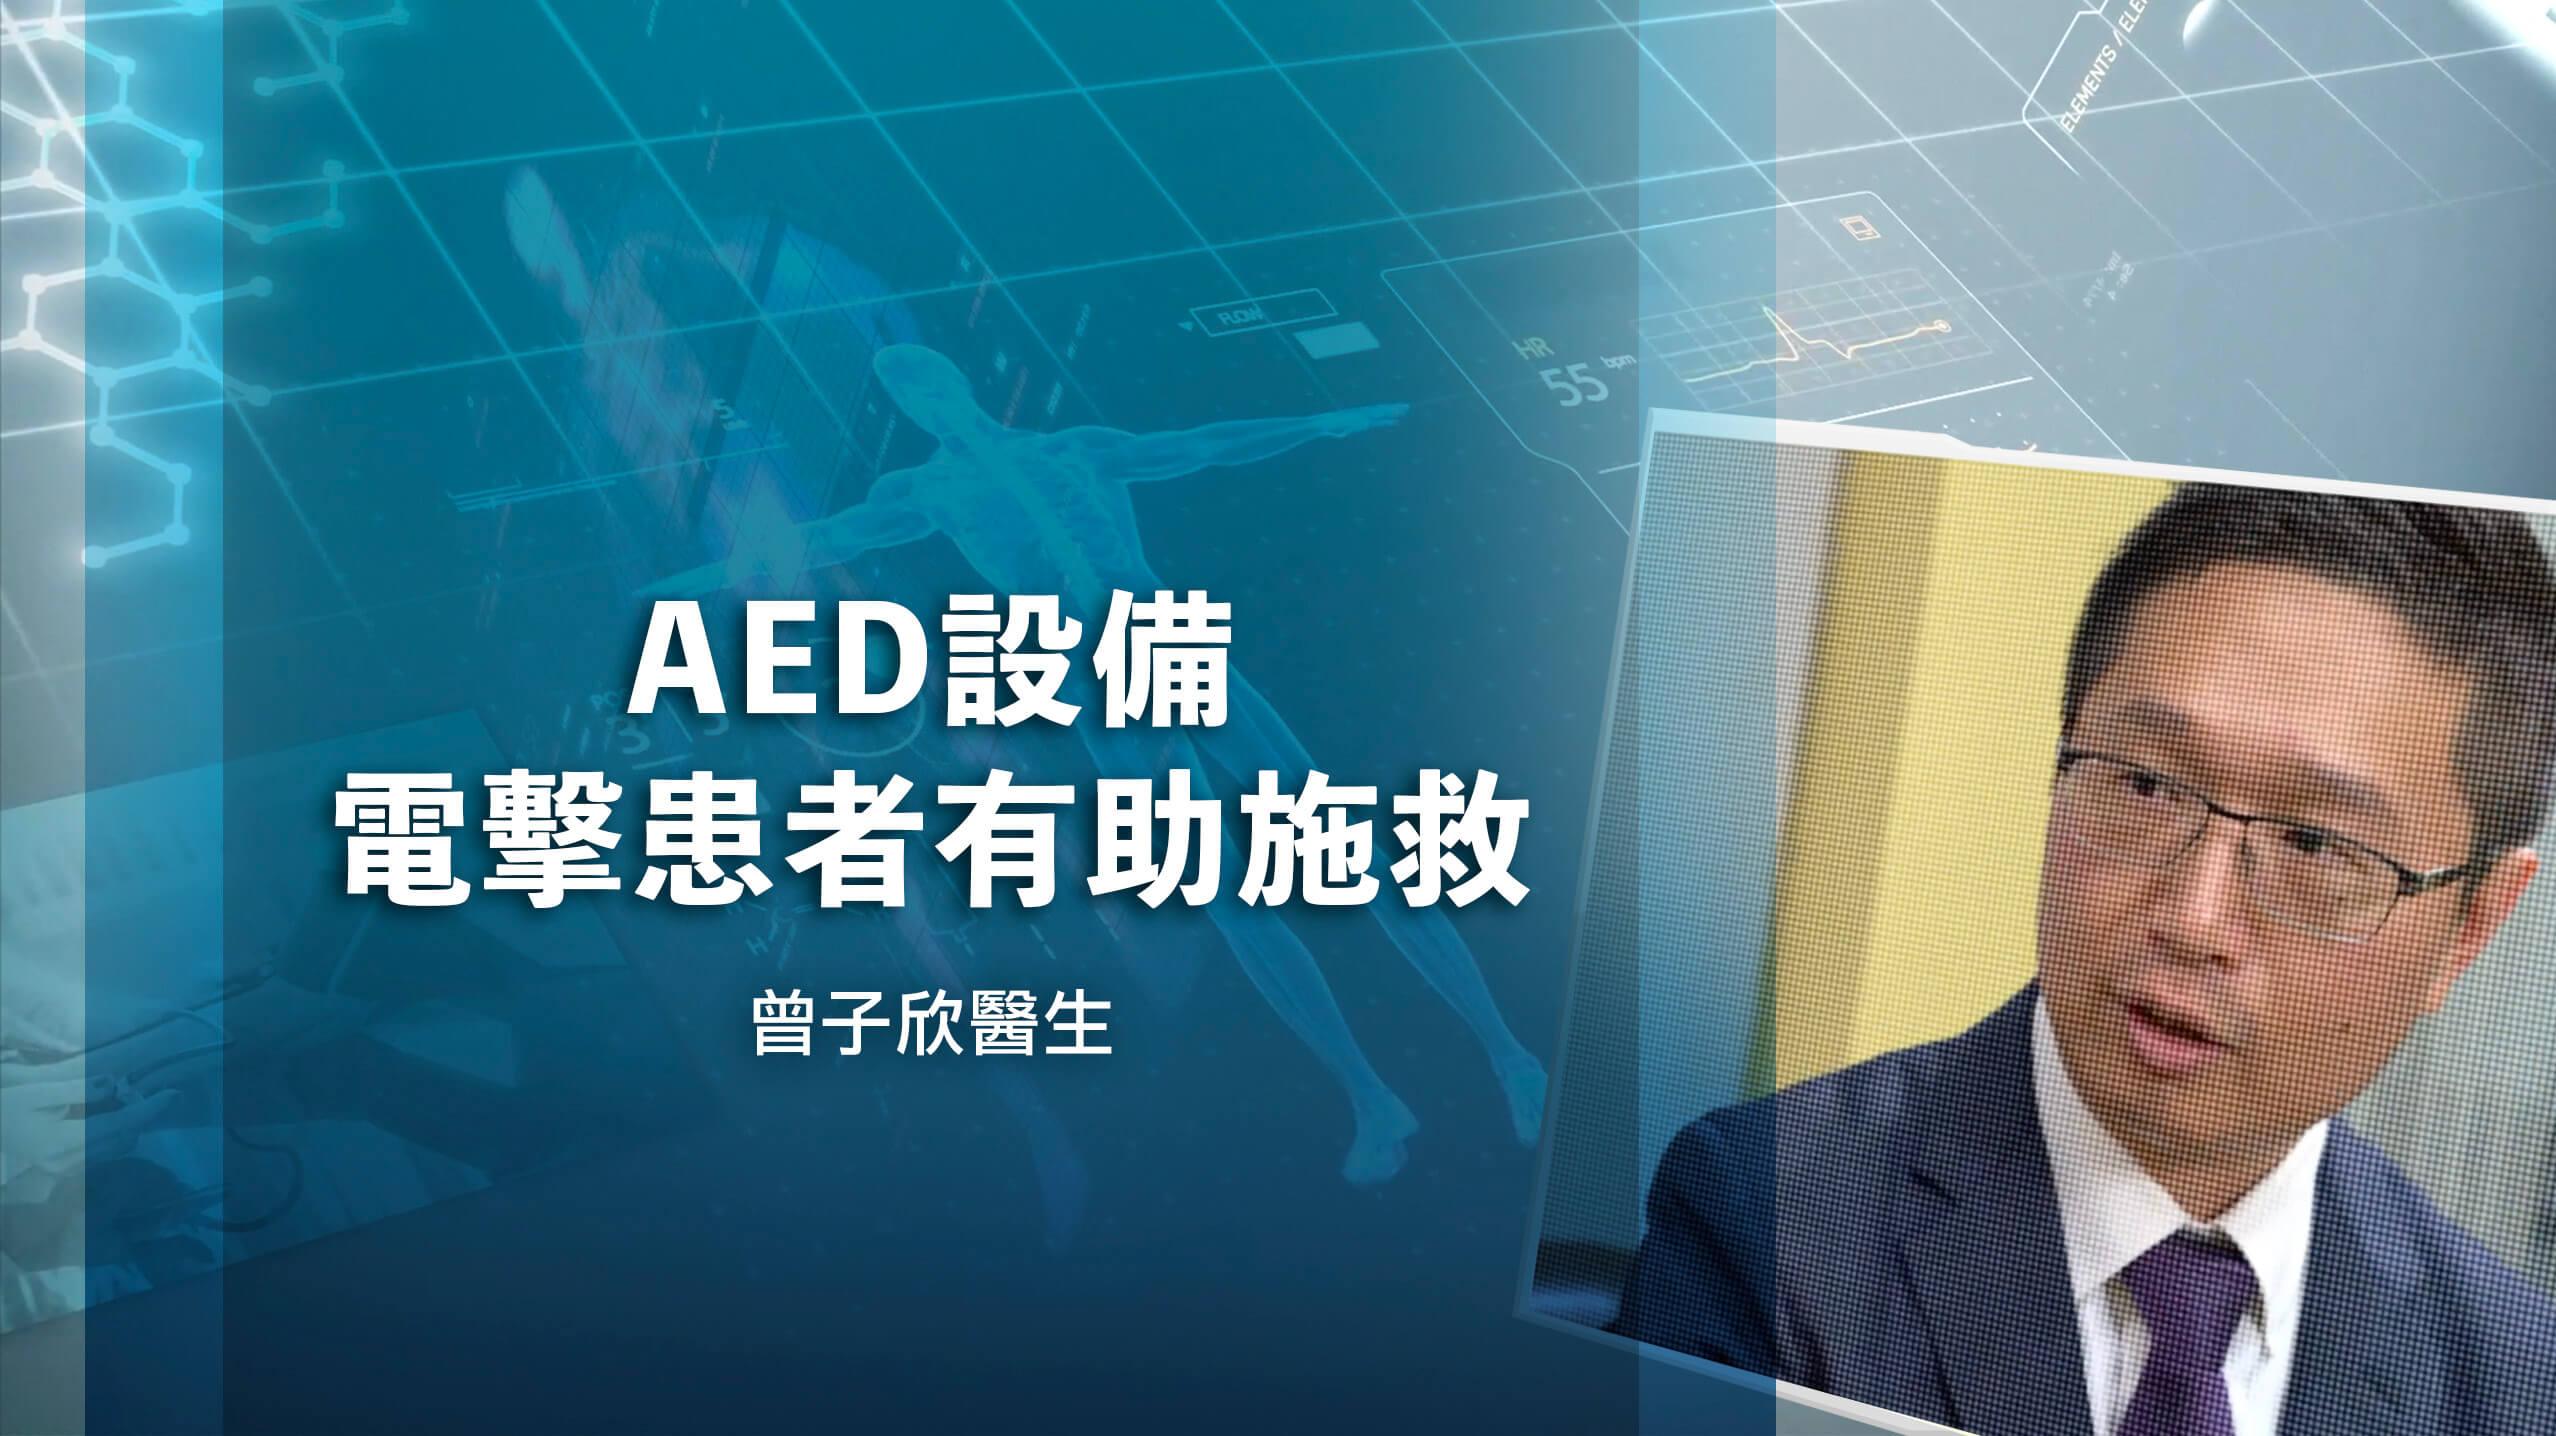 【AED設備電擊患者有助施救】